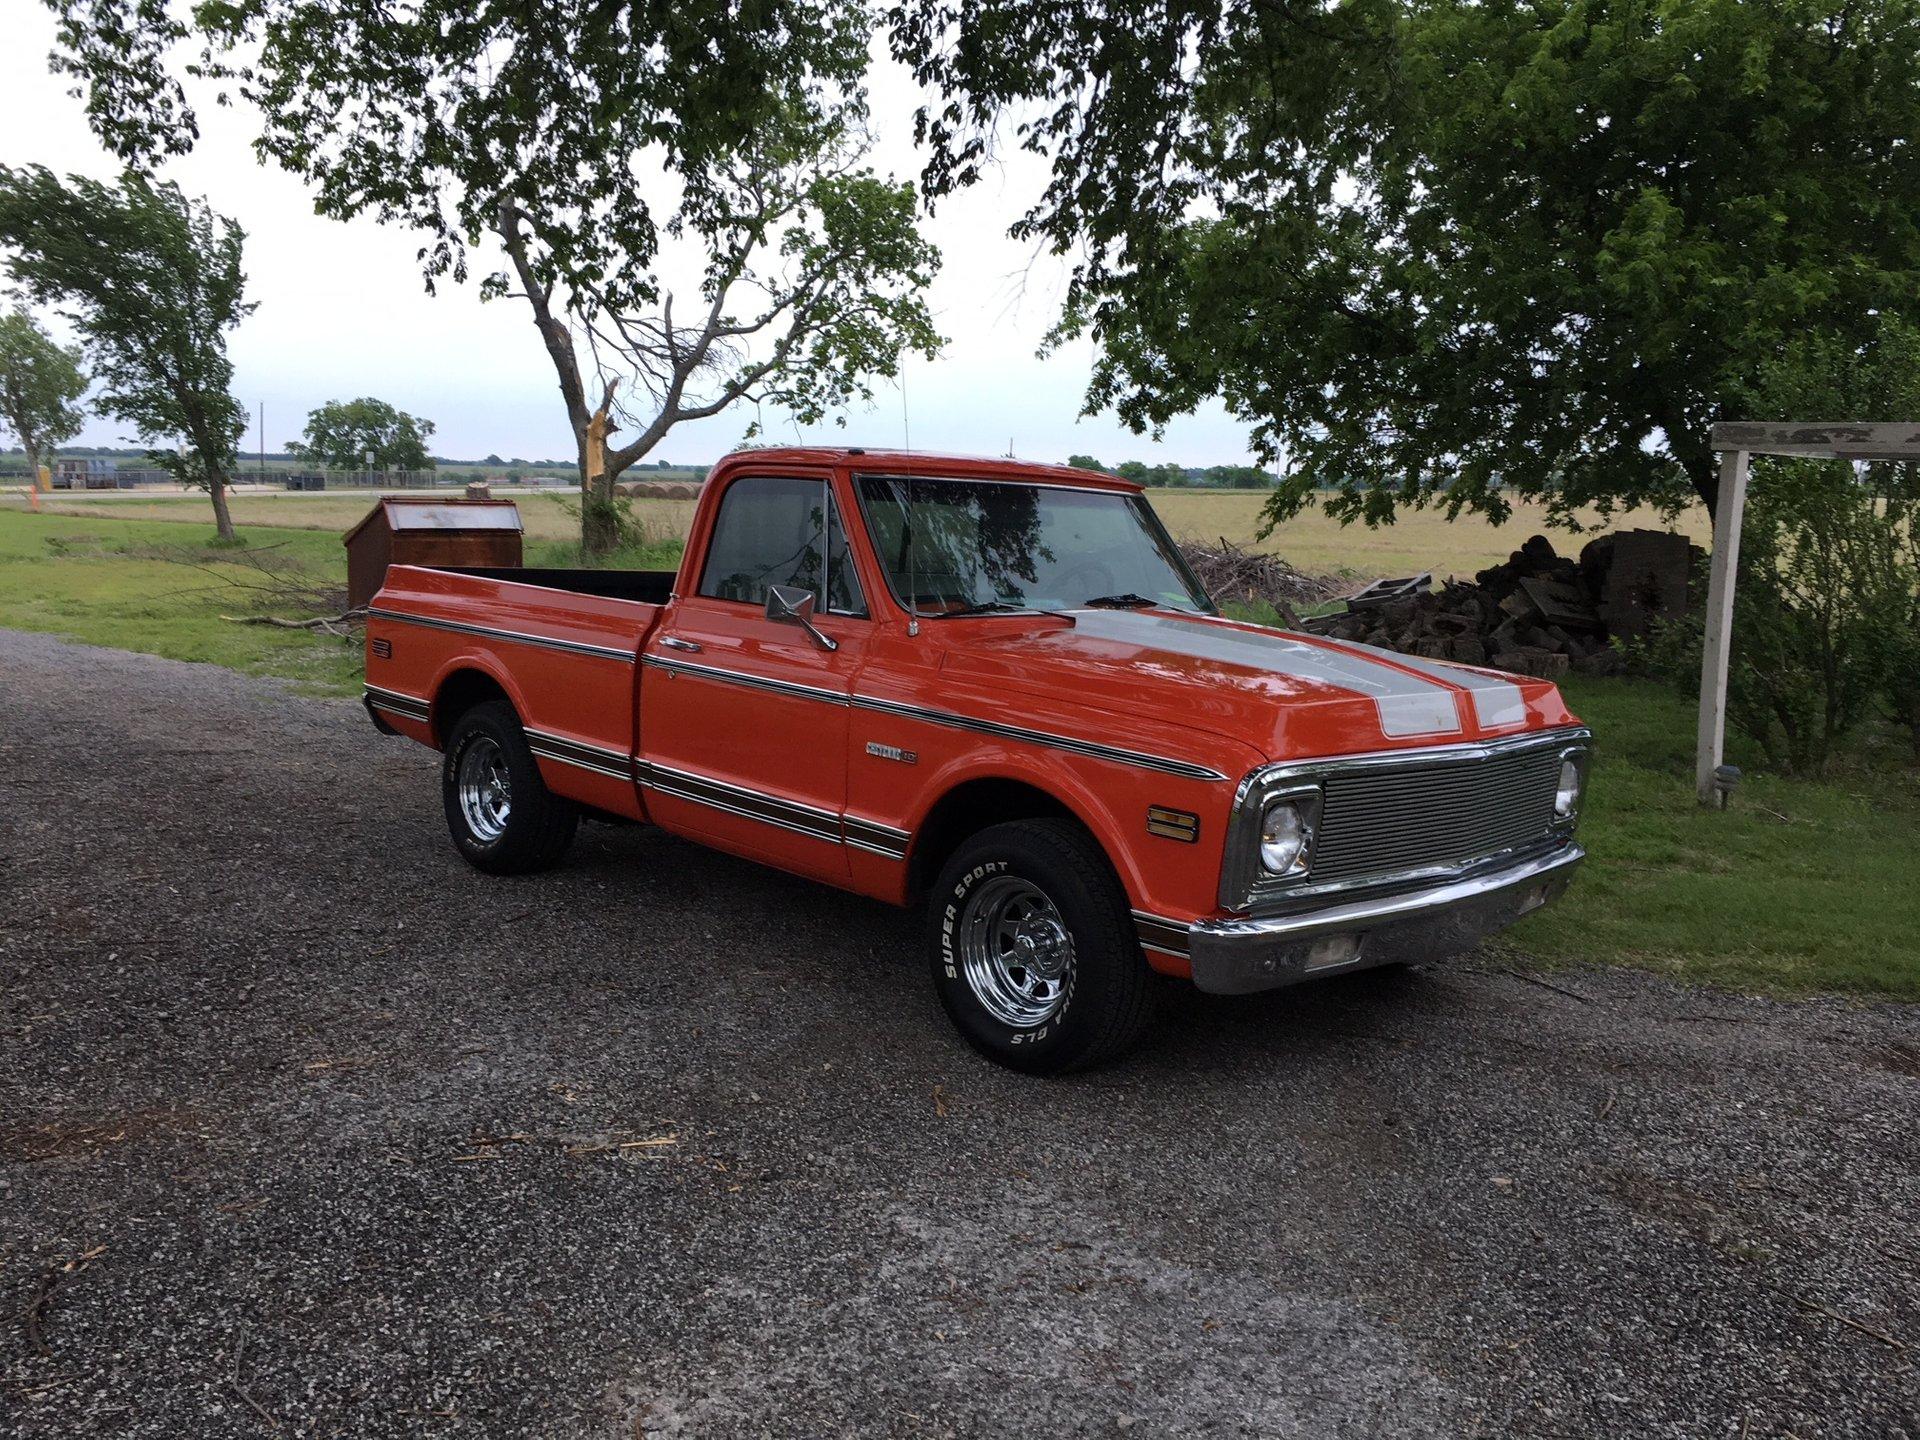 1972 chevrolet cheyenne c10 shortbed pickup